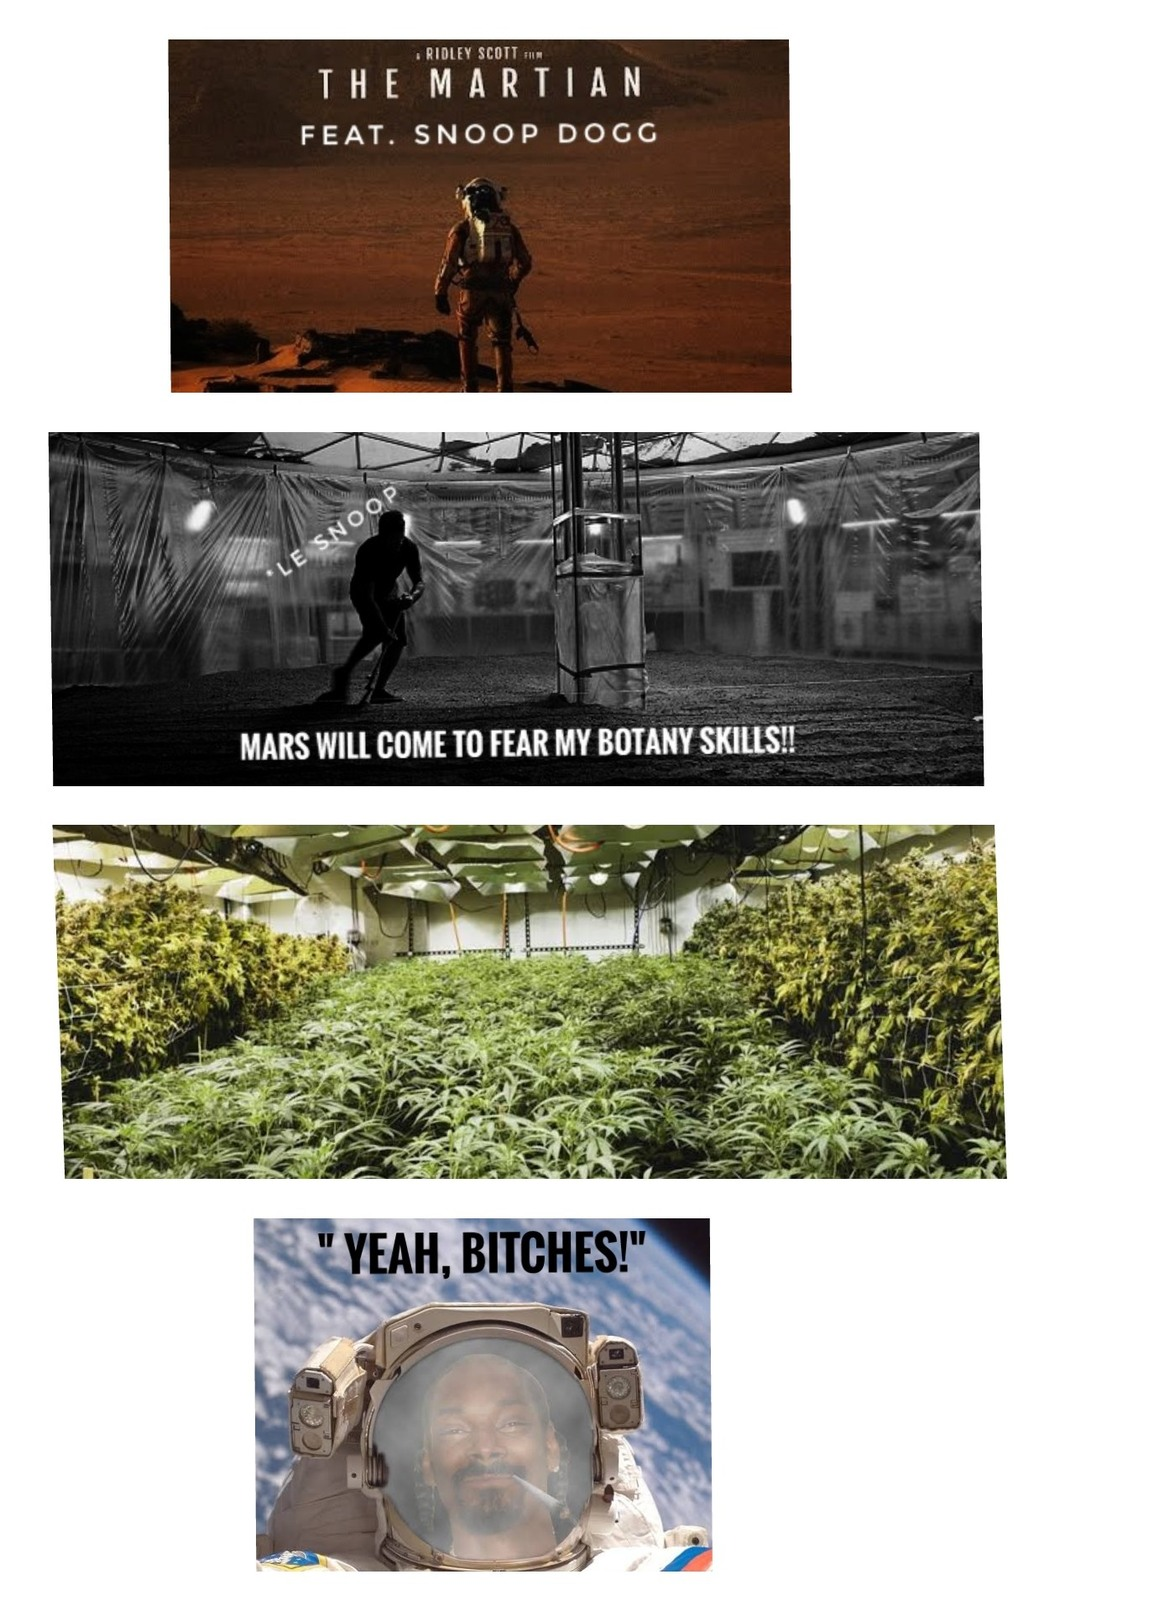 Snoop dee-o-double-gee nibbas!! - meme